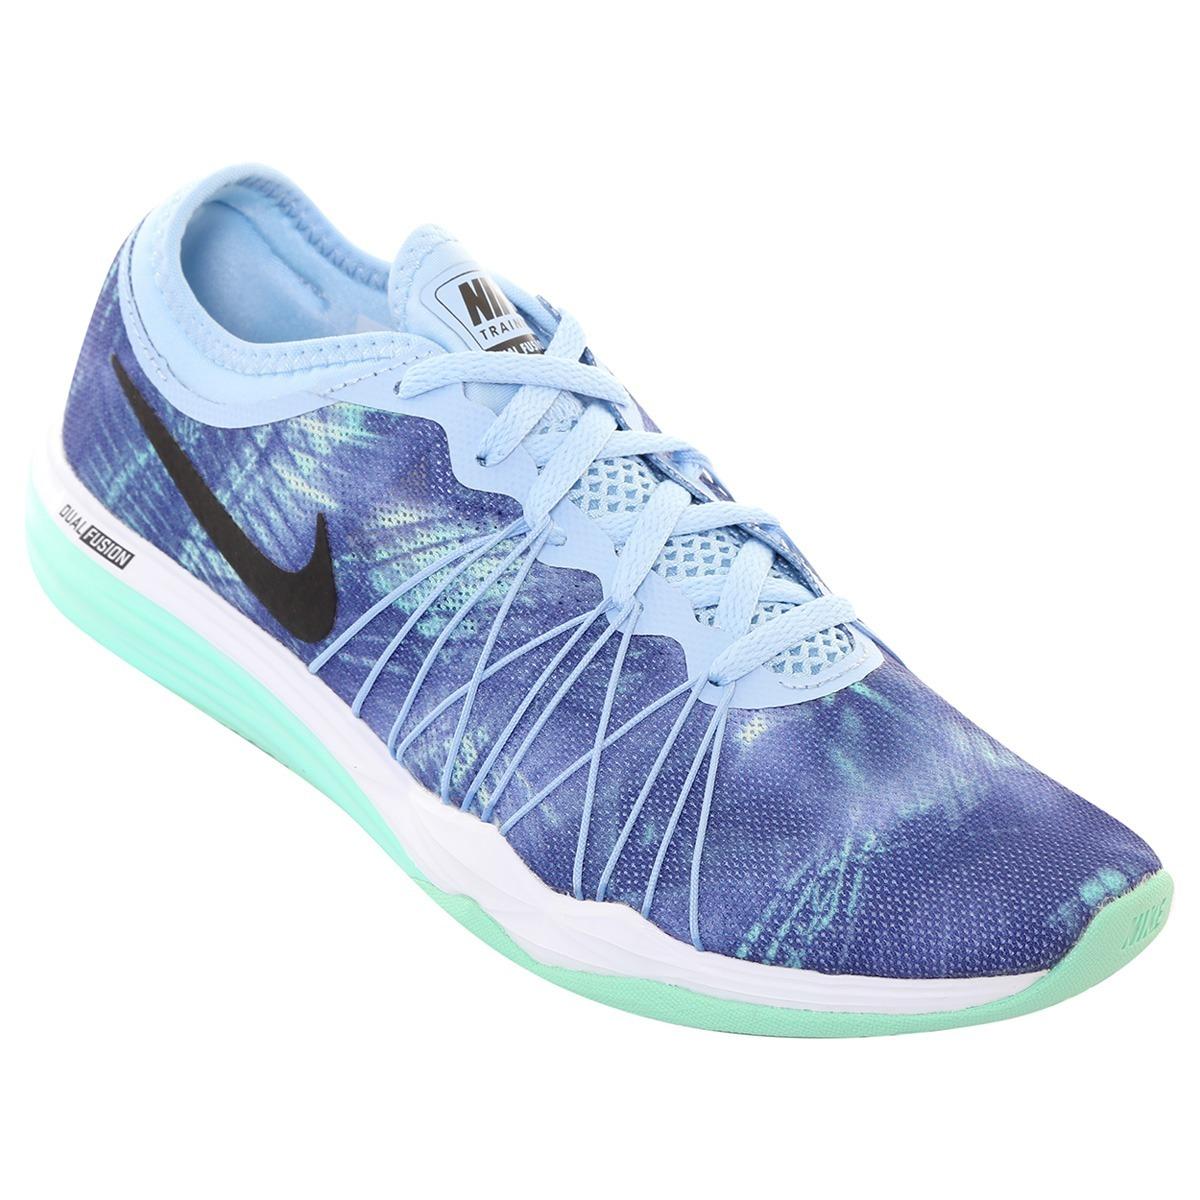 83ebb51de4 Tenis Zapatillas Nike Dual Fusion 100% Originales Mujer -   243.000 ...